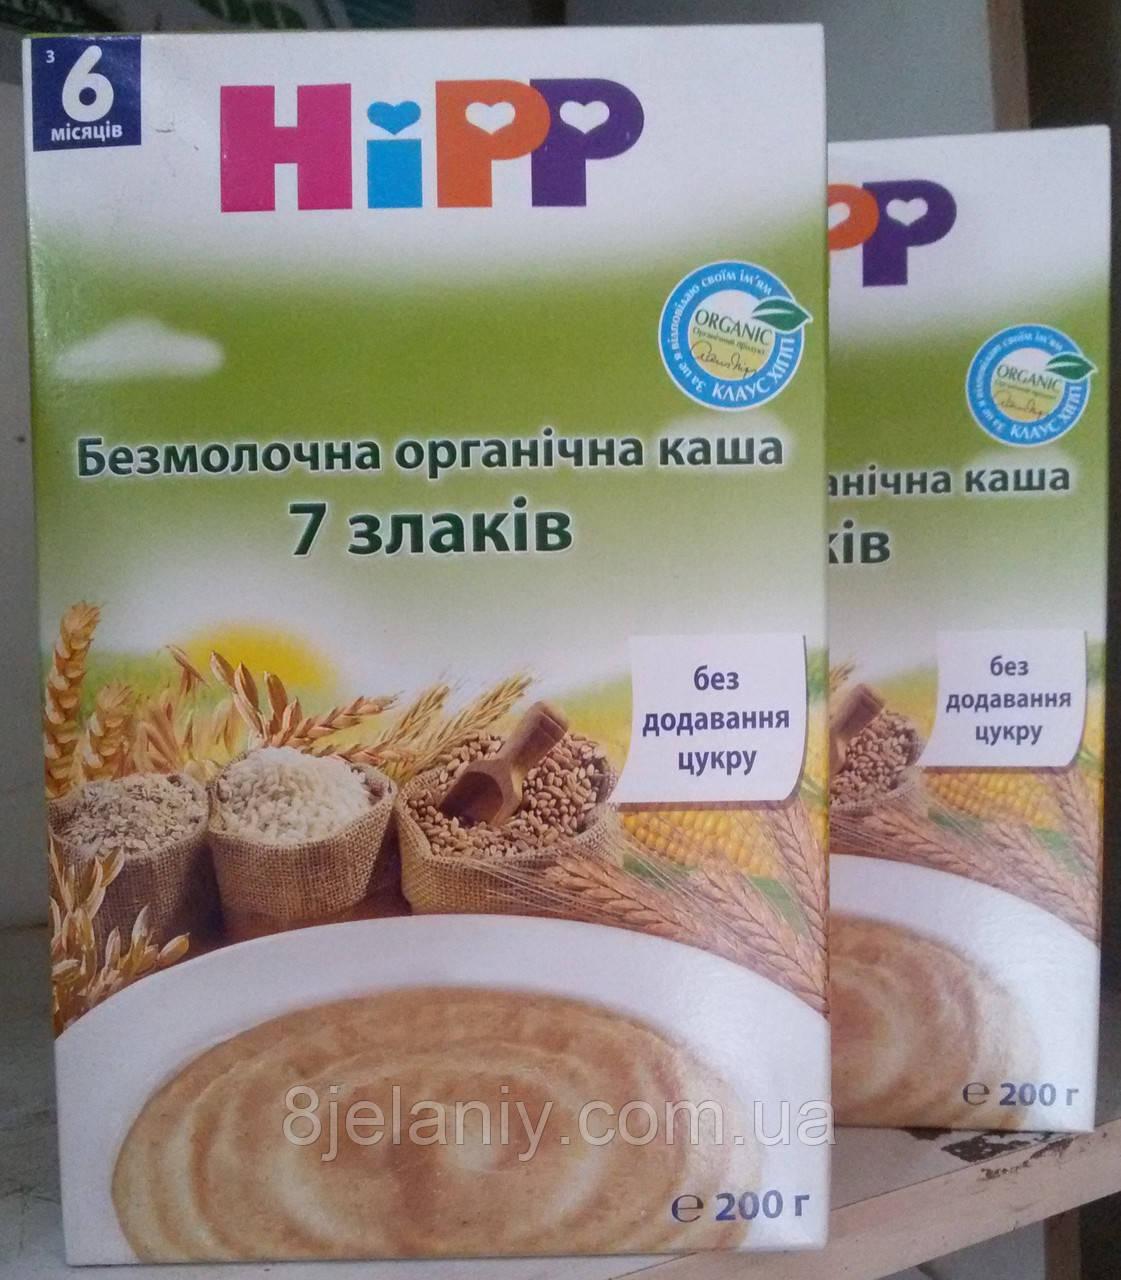 Каша безмолочная органическая Hipp 7 злаков 200 г